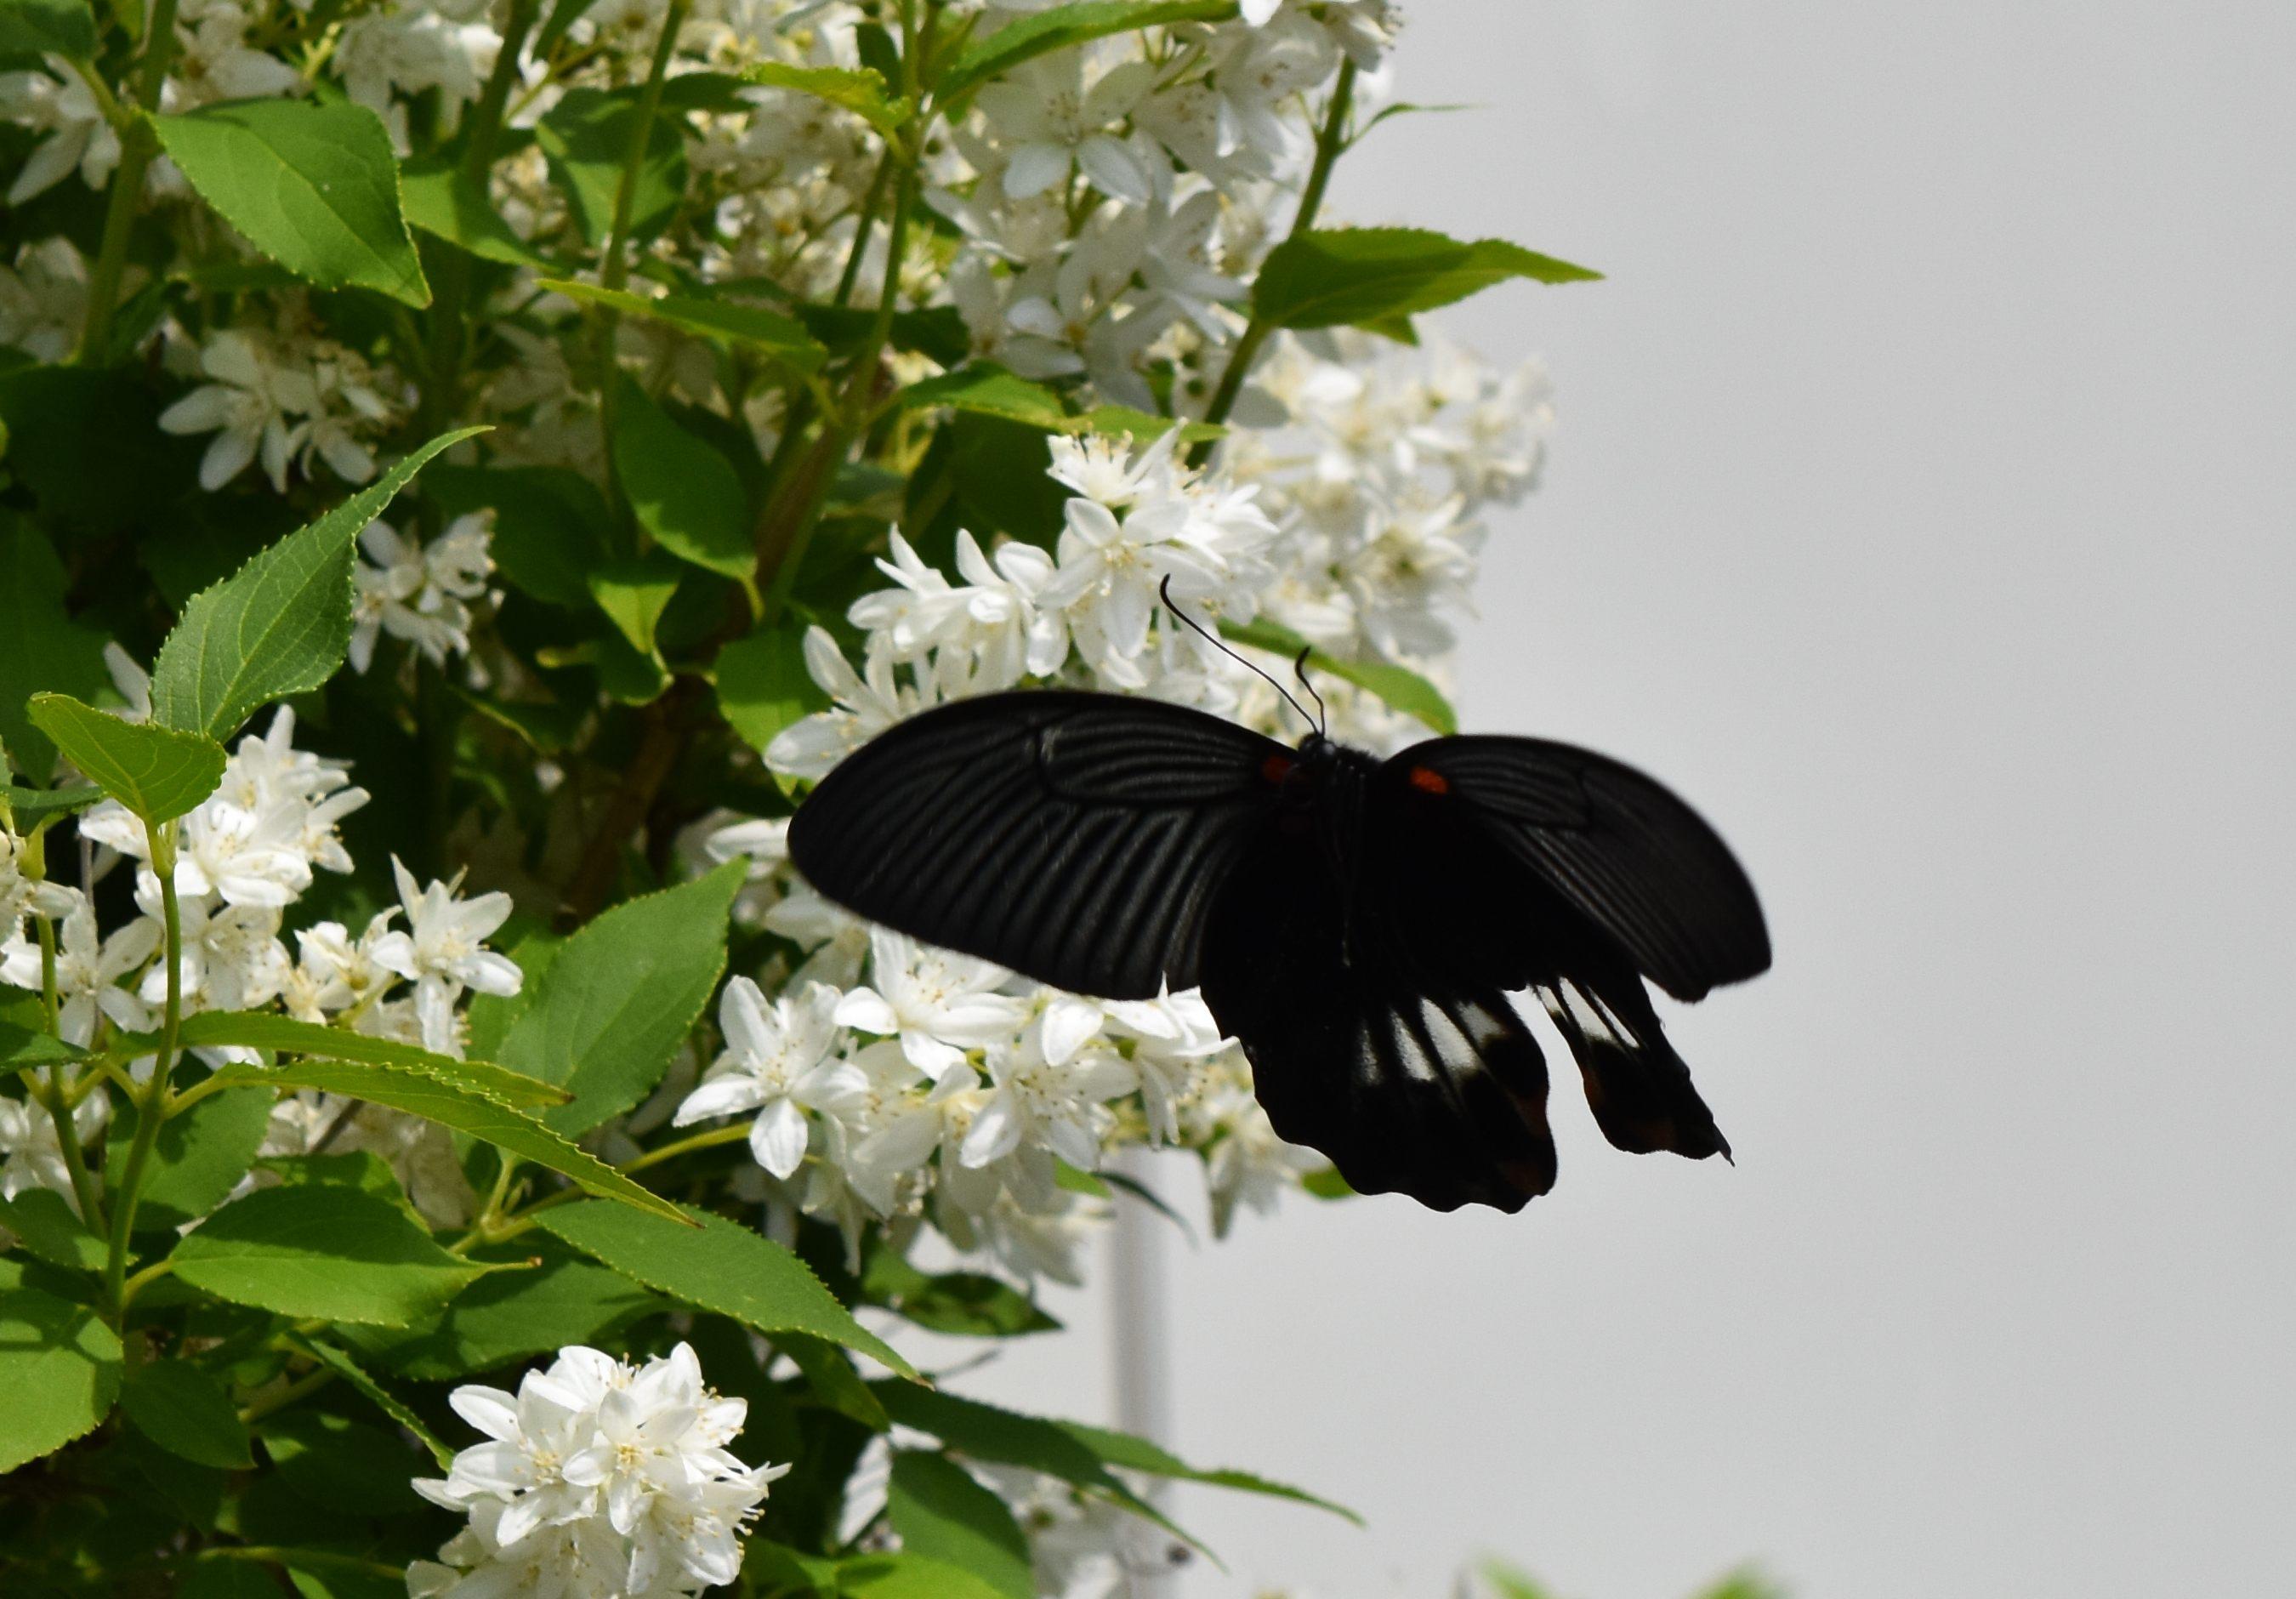 ナガサキアゲハ 5月1日_d0254540_1653275.jpg